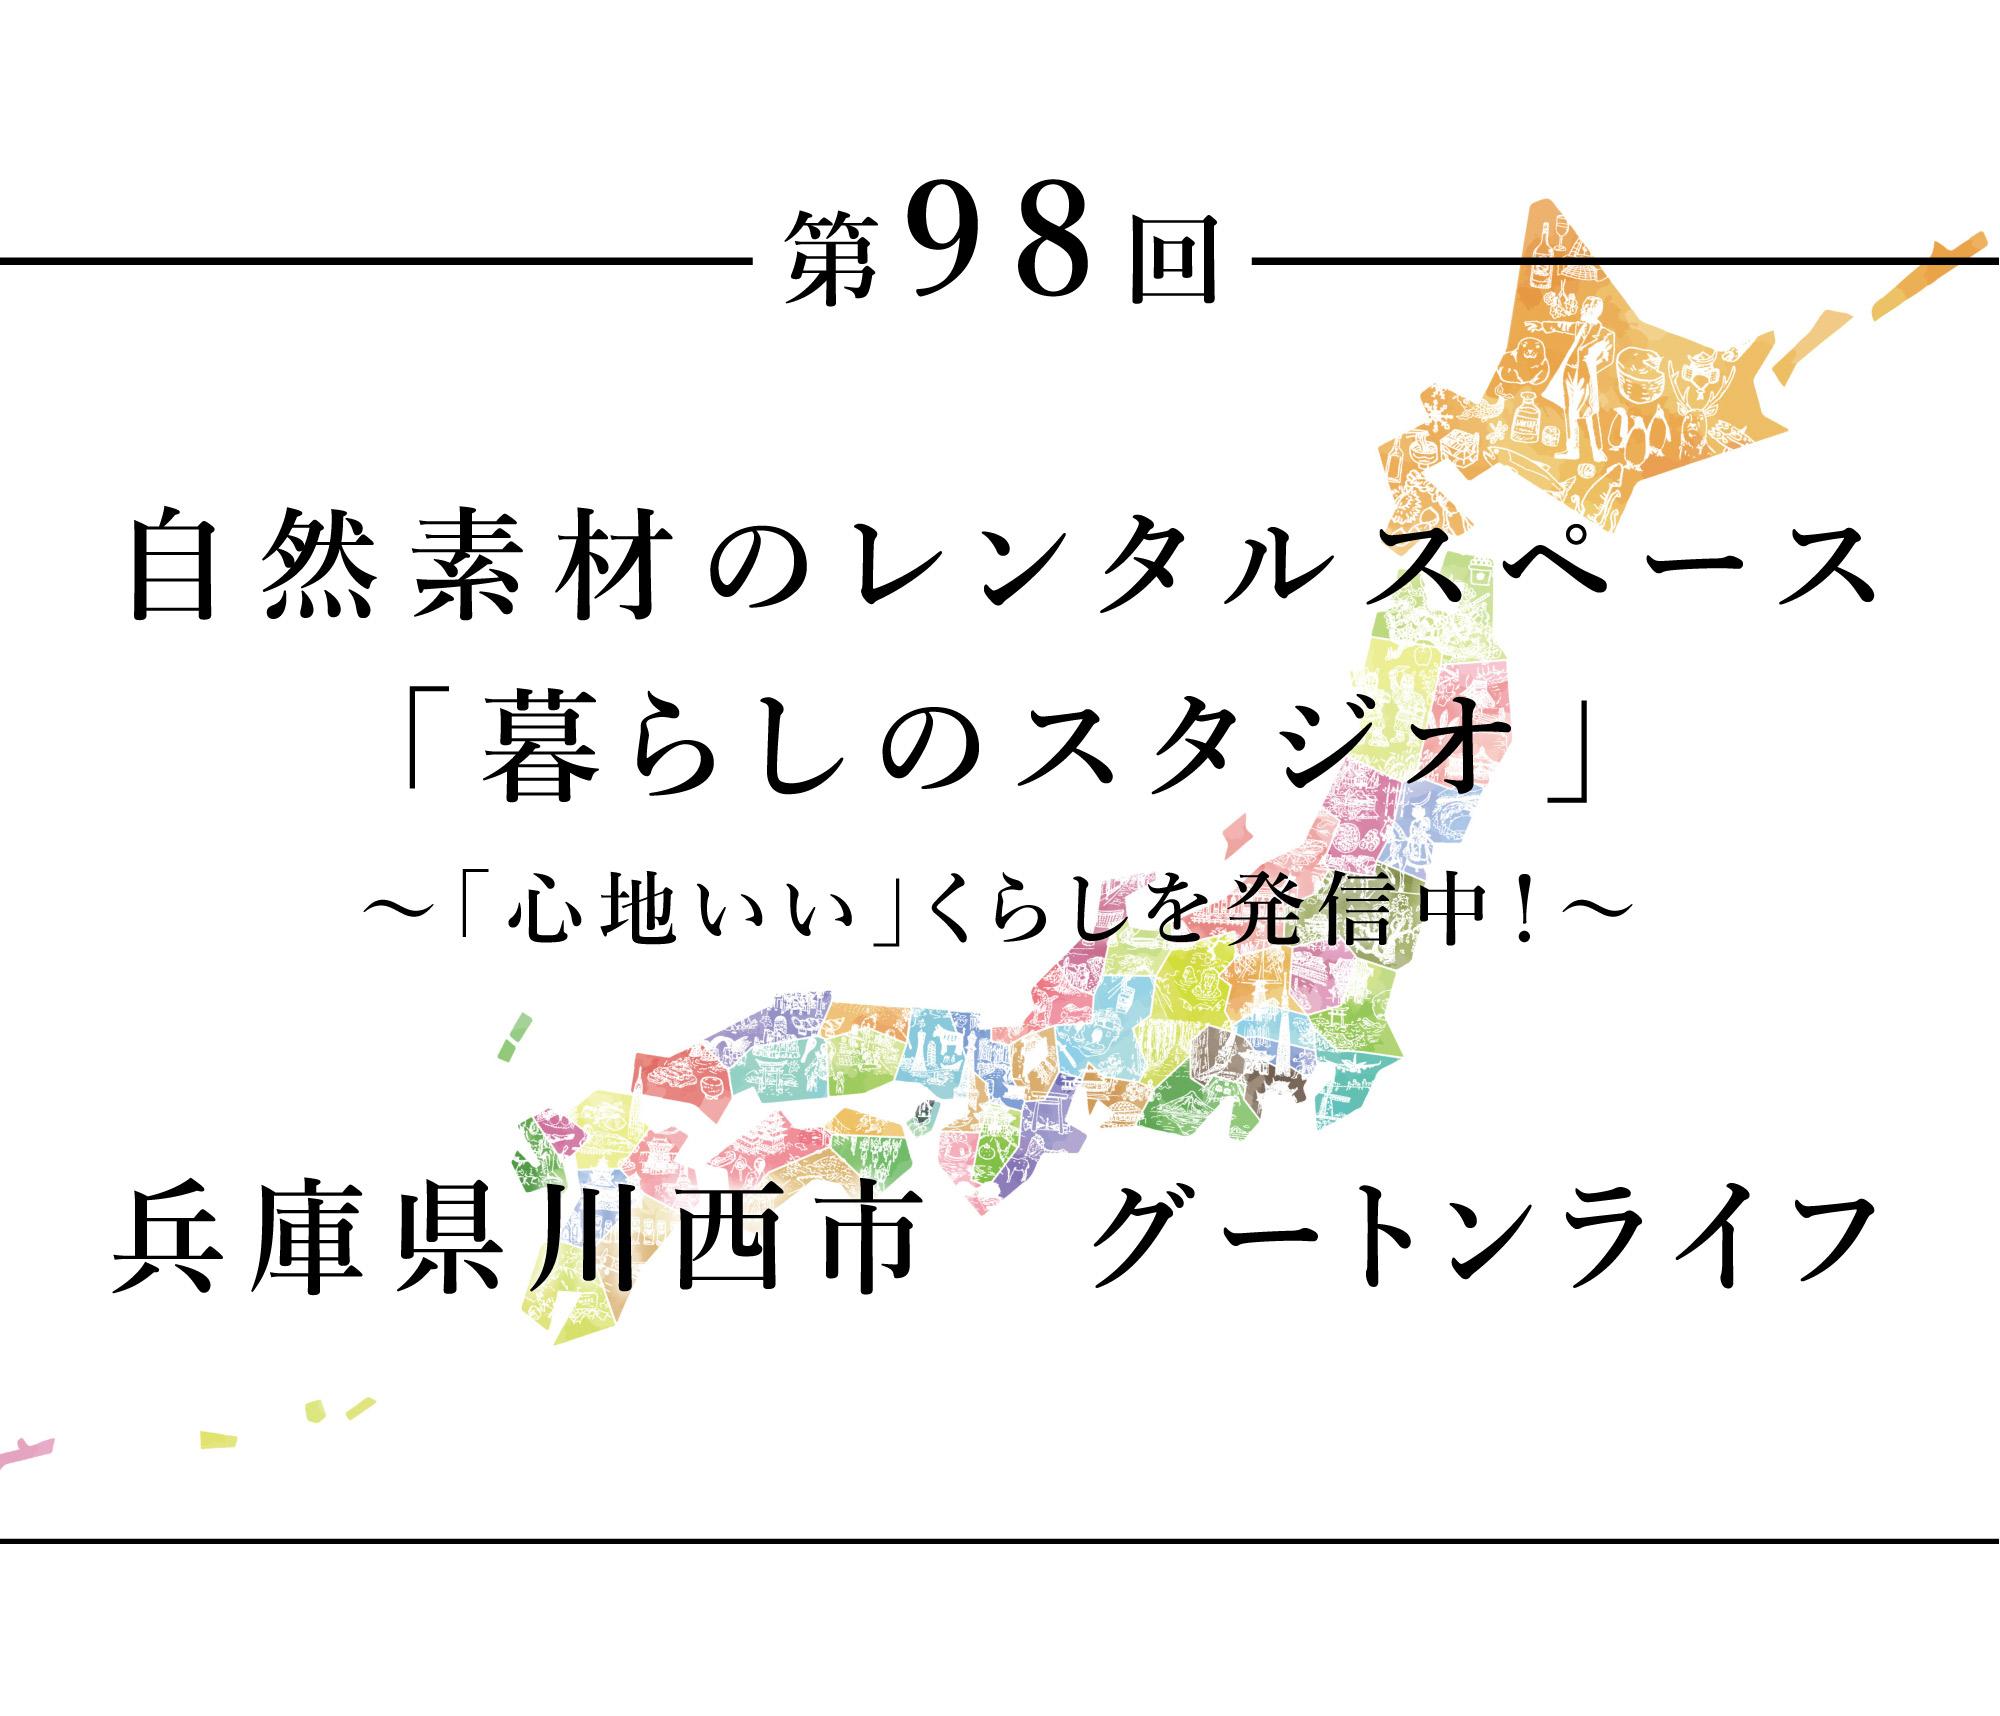 ちいきのたより第98回自然素材のレンタルスペース「暮らしのスタジオ」「心地いい」くらしを発信中!兵庫県川西市 グートンライフ